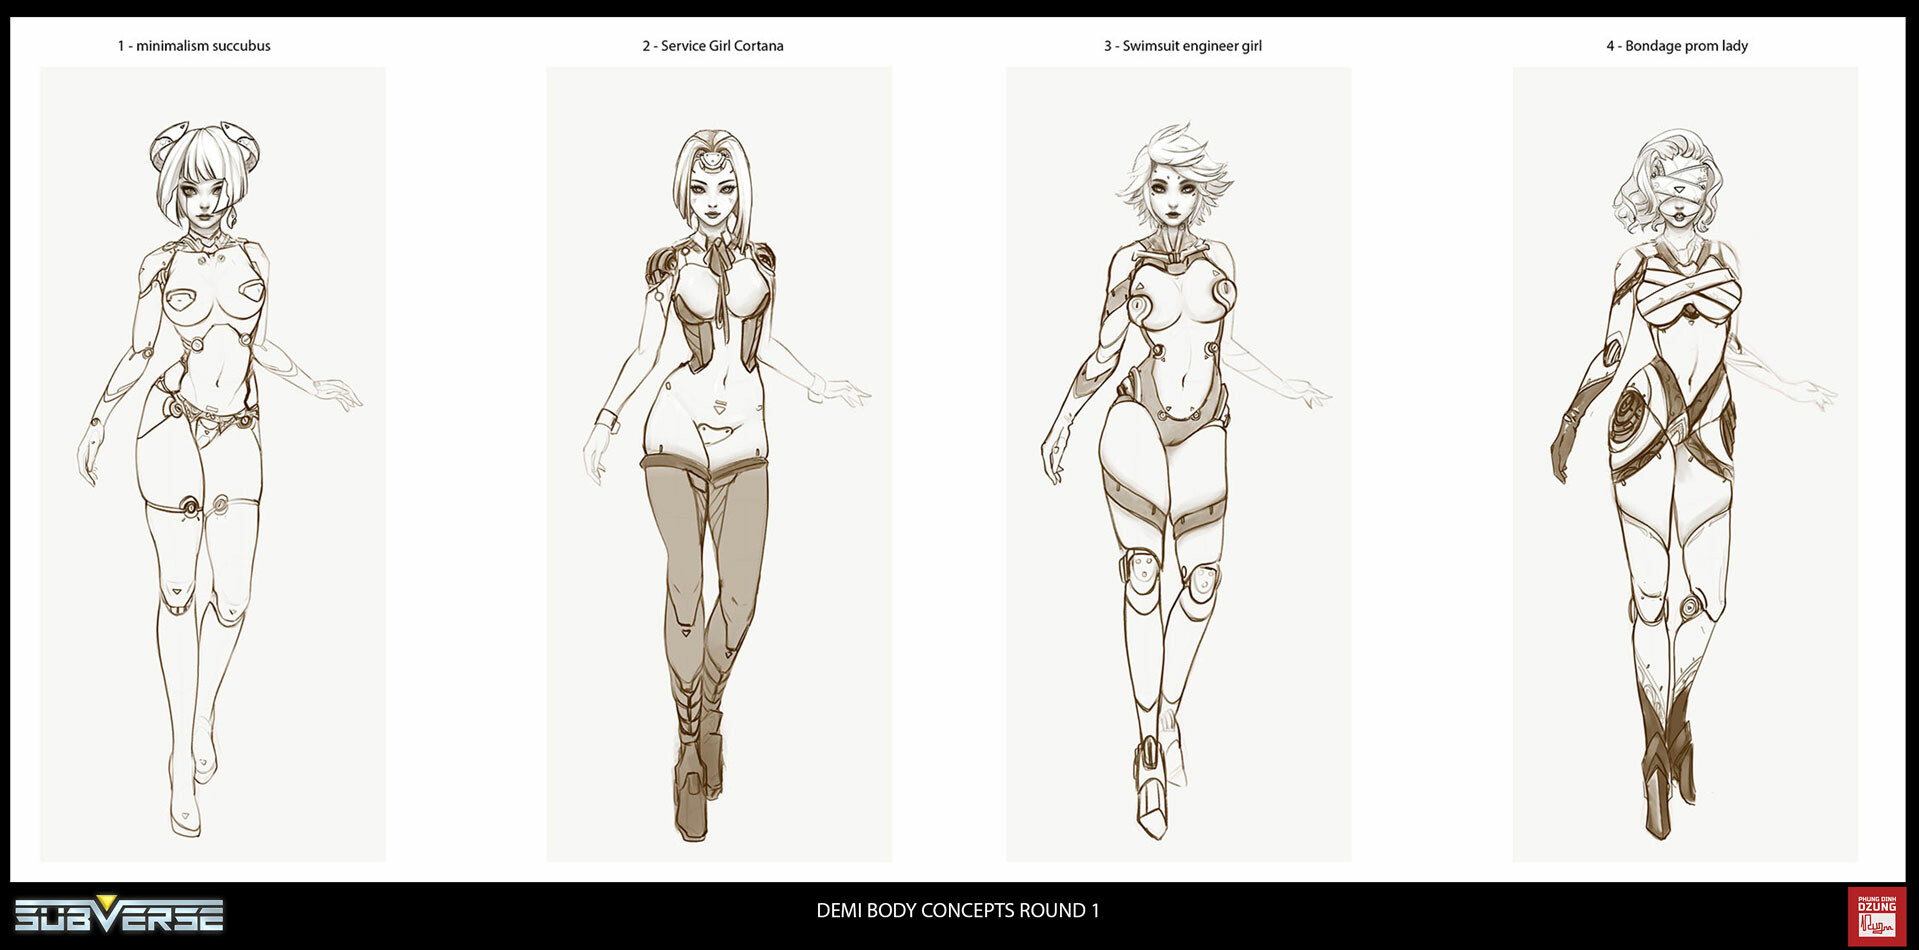 Дизайнер Subverse показал модель Деми